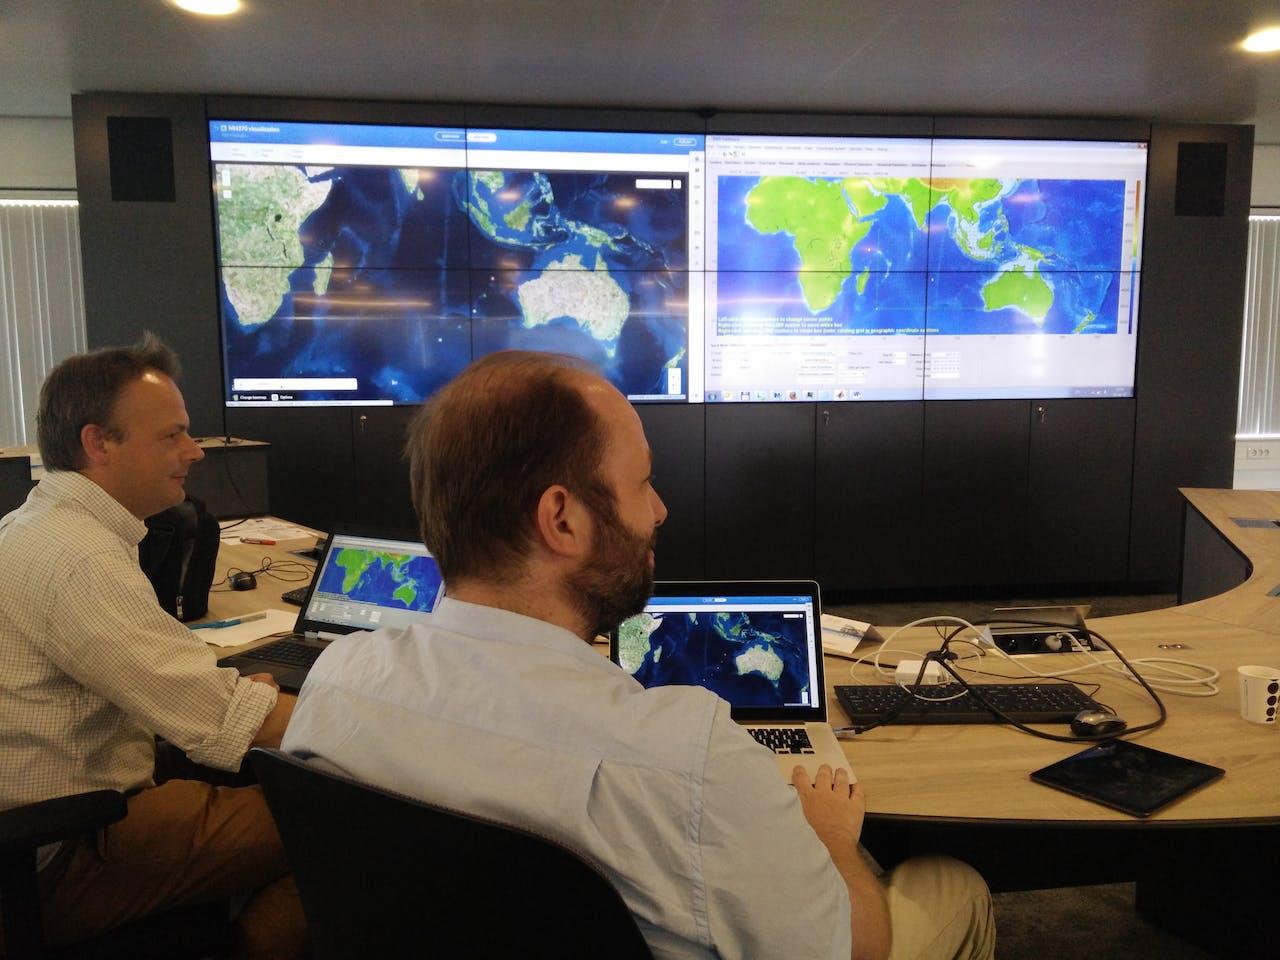 Foto: Bram Mullink - met: Maarten van Ormondt (stromingsdeskundige) en Fedor Baart (expert computersimulaties)